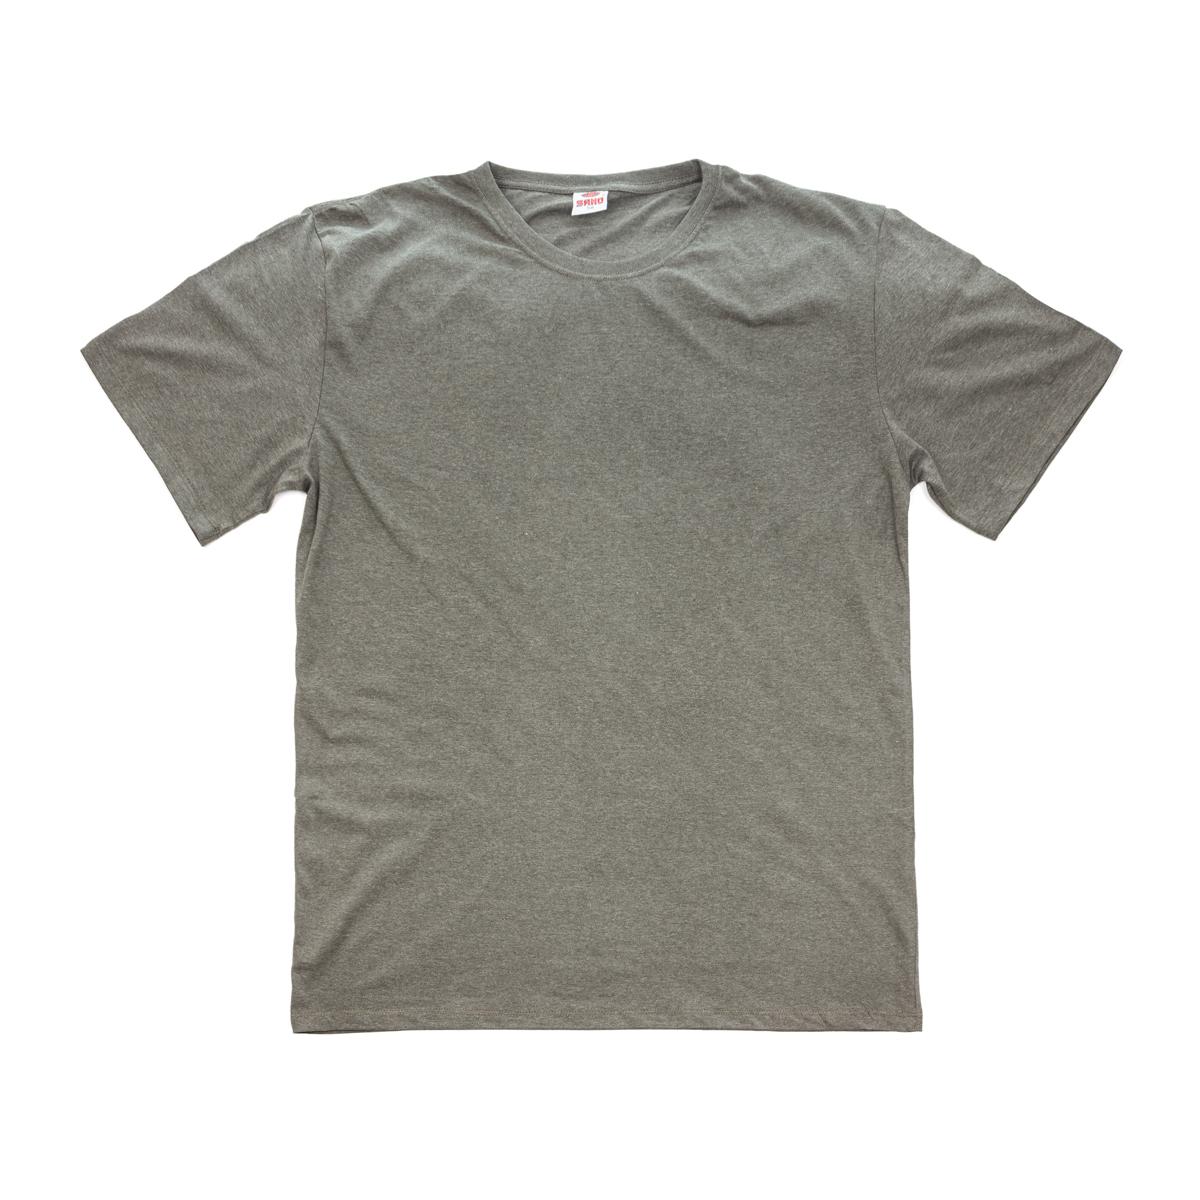 Муж. футболка арт. 04-0043 Хаки р. 66 - Мужская одежда артикул: 25667